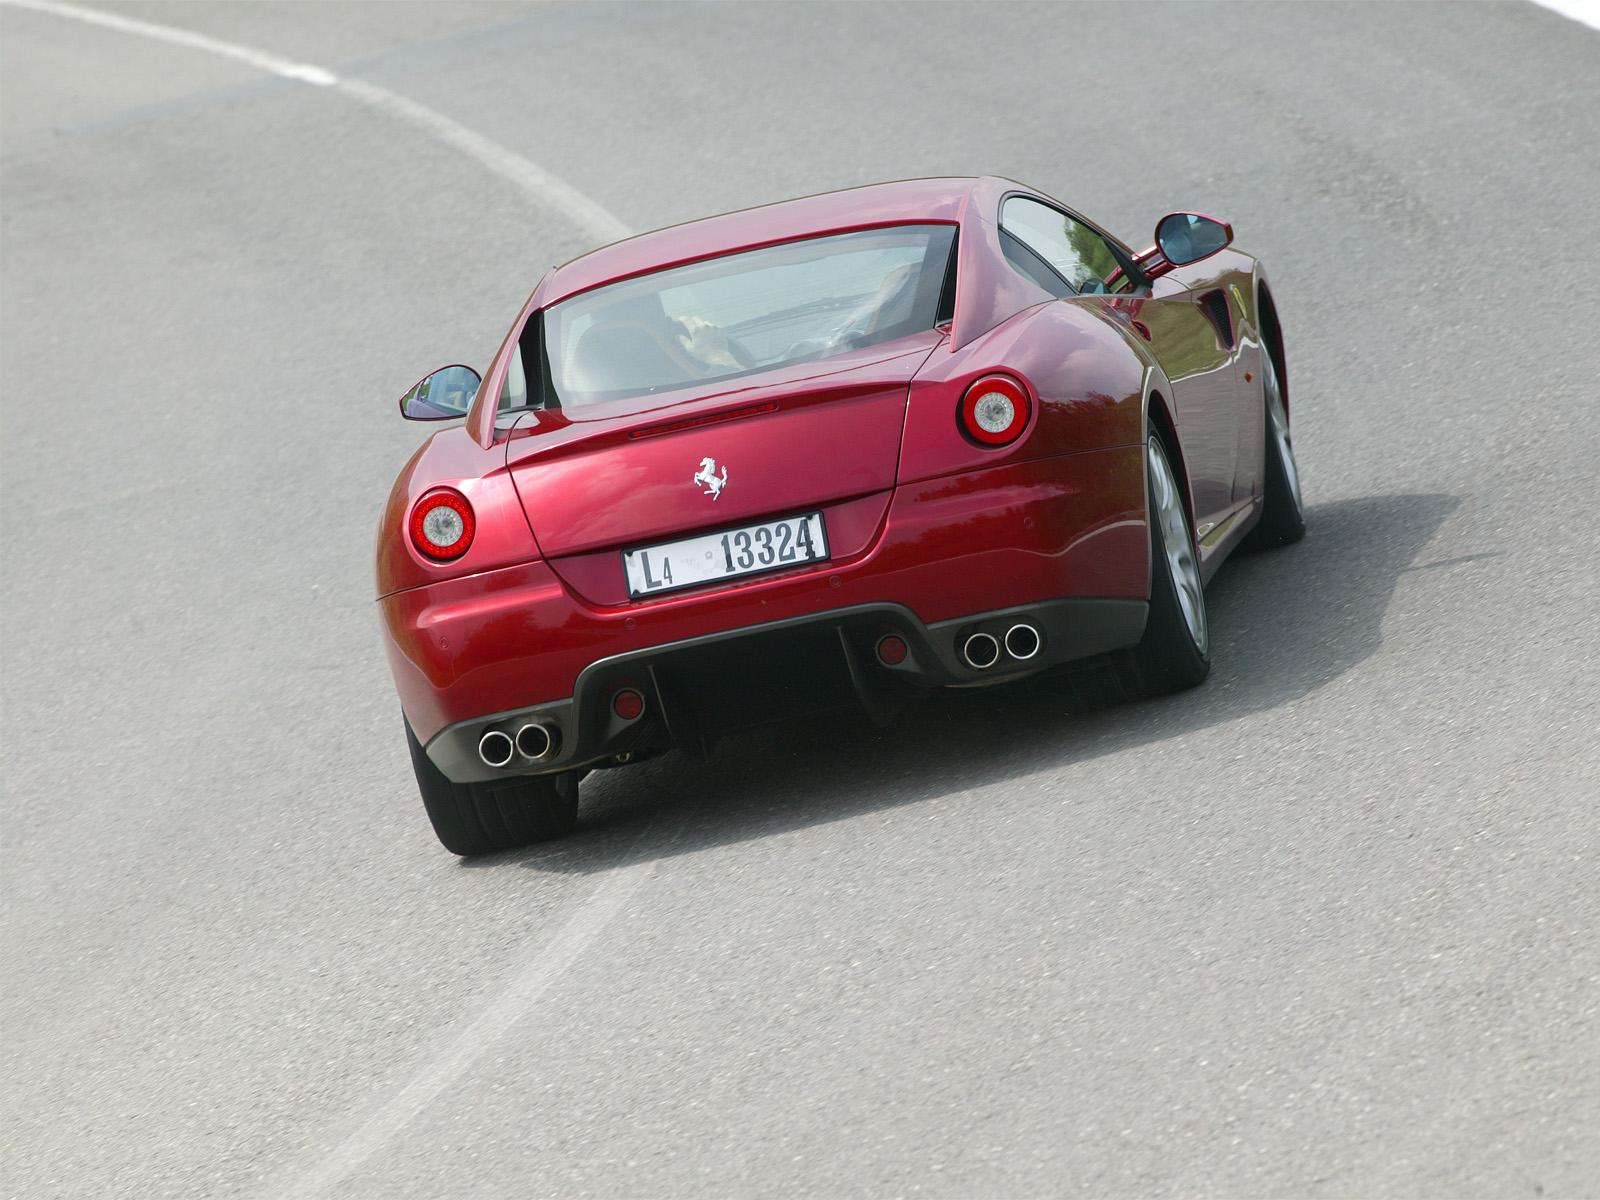 Ferrari 599gtb 10